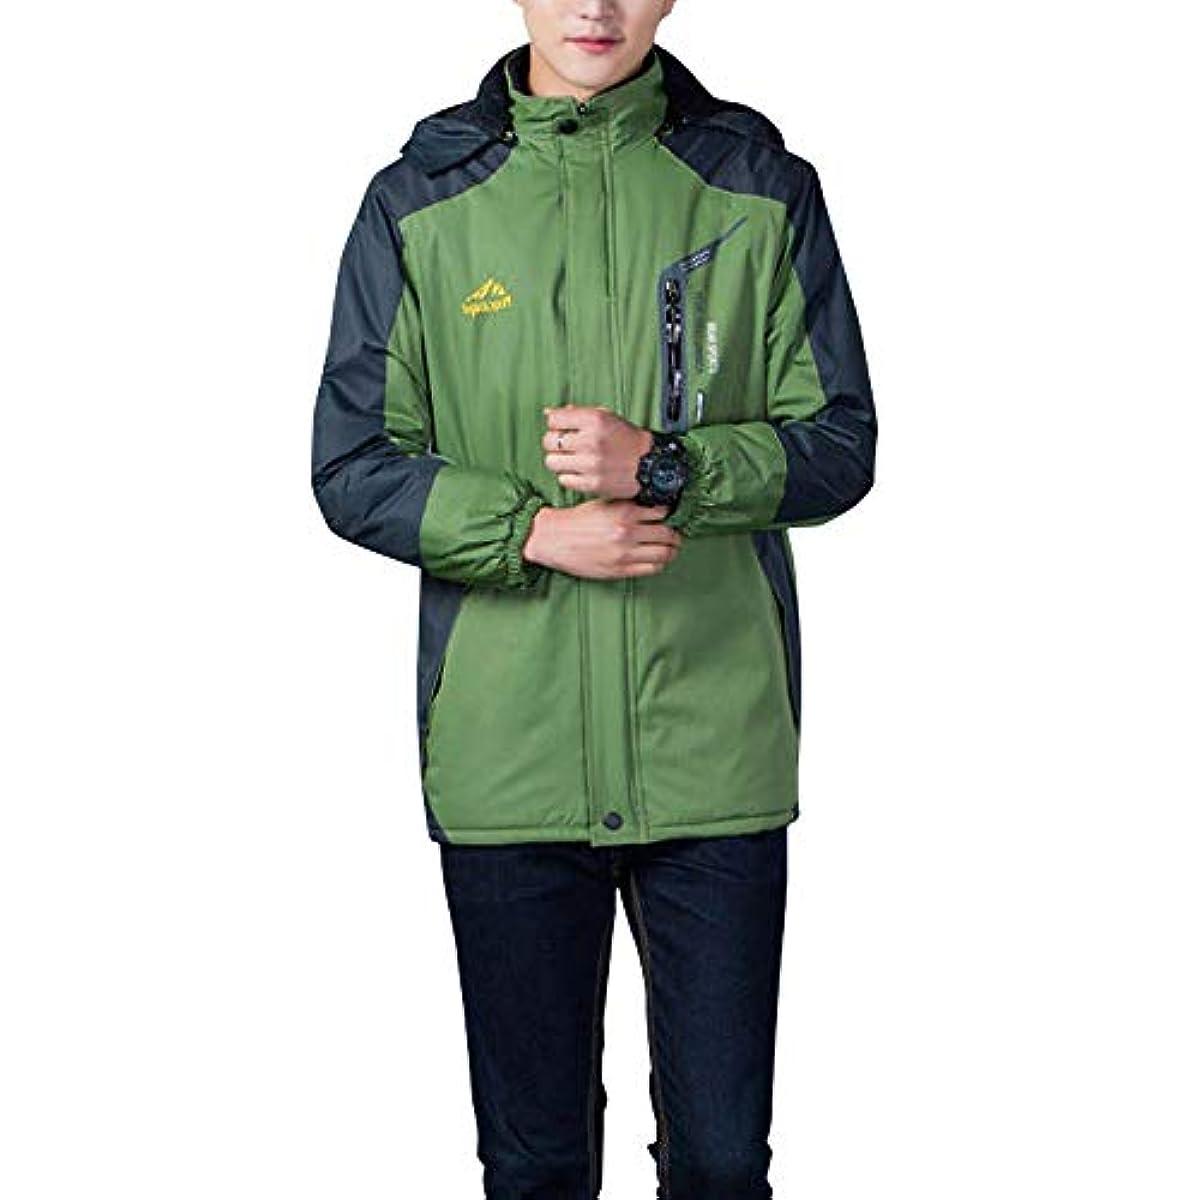 [해외] 마운틴 파카 맨즈 재킷 윈드브레이커 방한 등산복 등산 방수 재킷 방풍 맨즈 마운틴 파카 발수 파카 CC